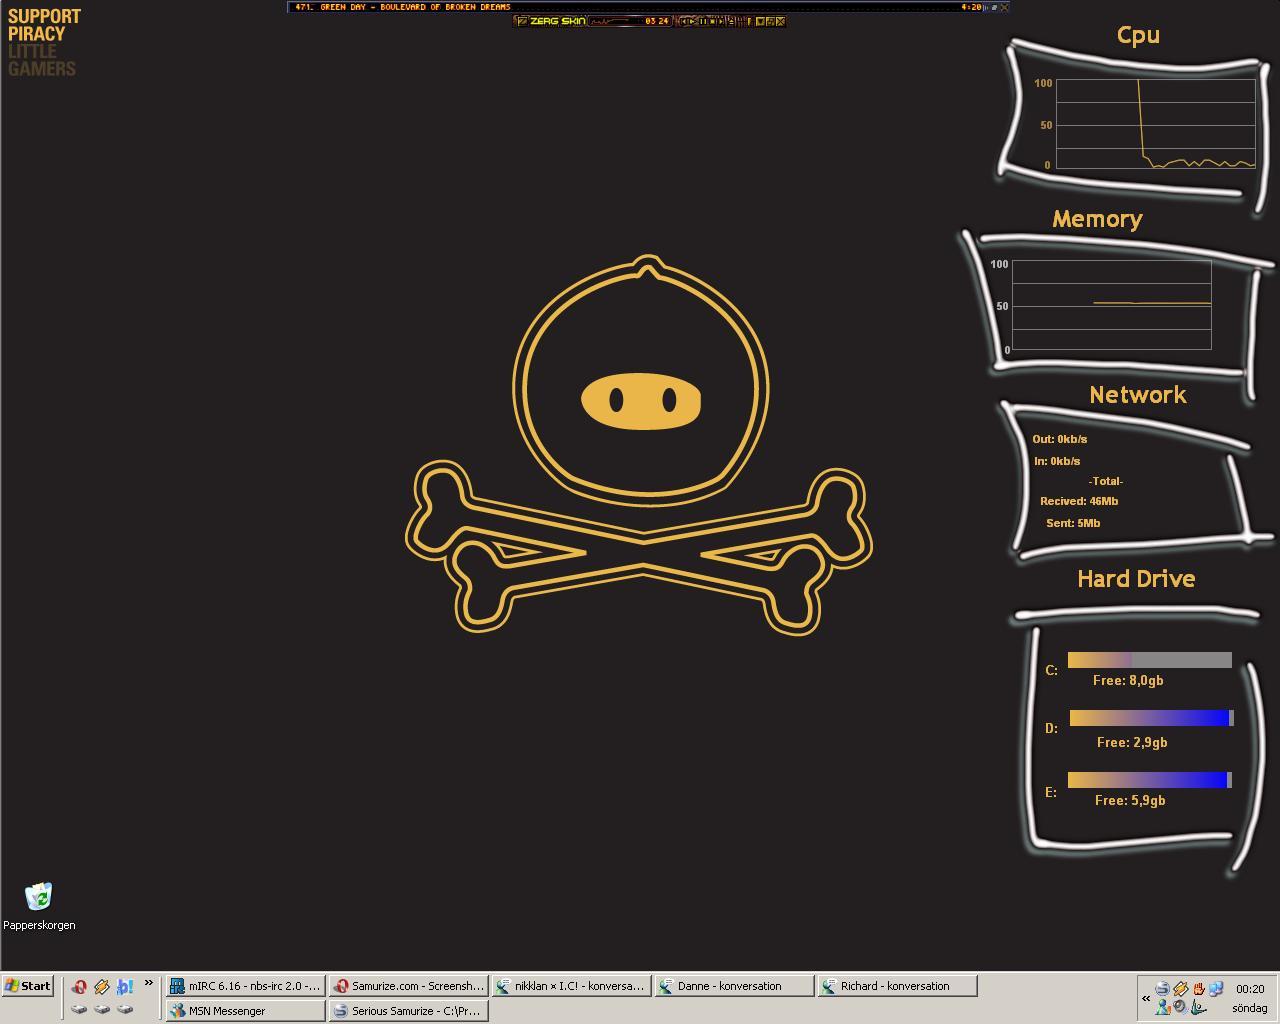 Title: znark's desktop